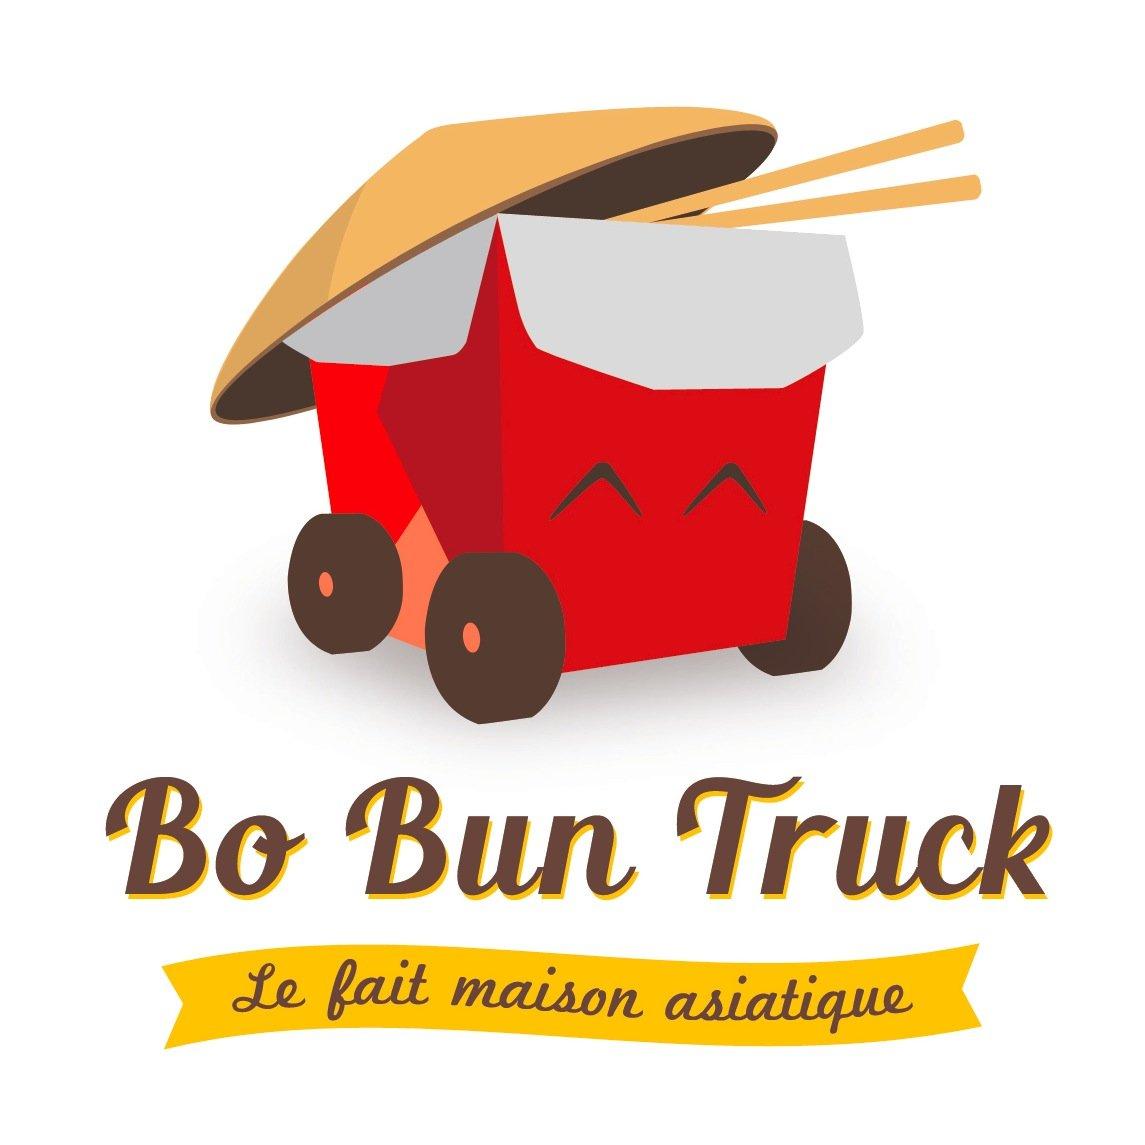 Bo Bun Truck (@BoBunTruck).